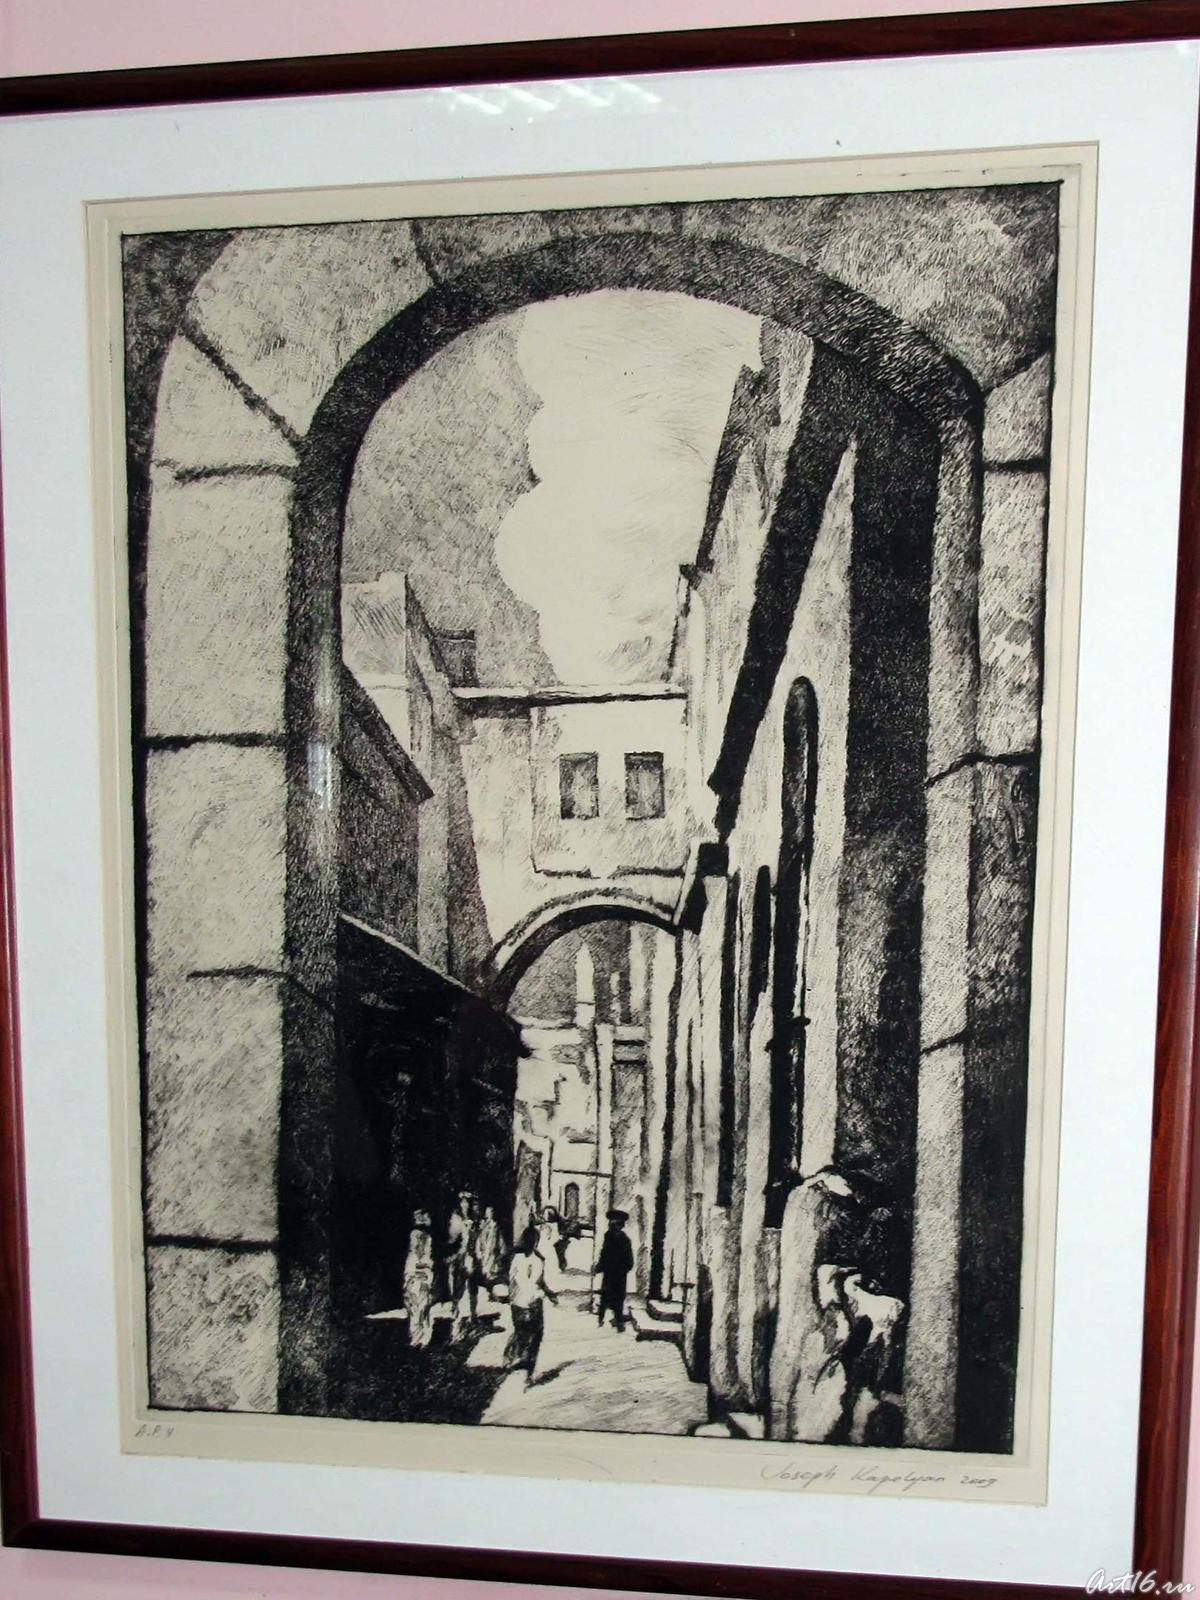 Фото №58198. Графический лист из серии ''Старый Иерусалим'' (2)